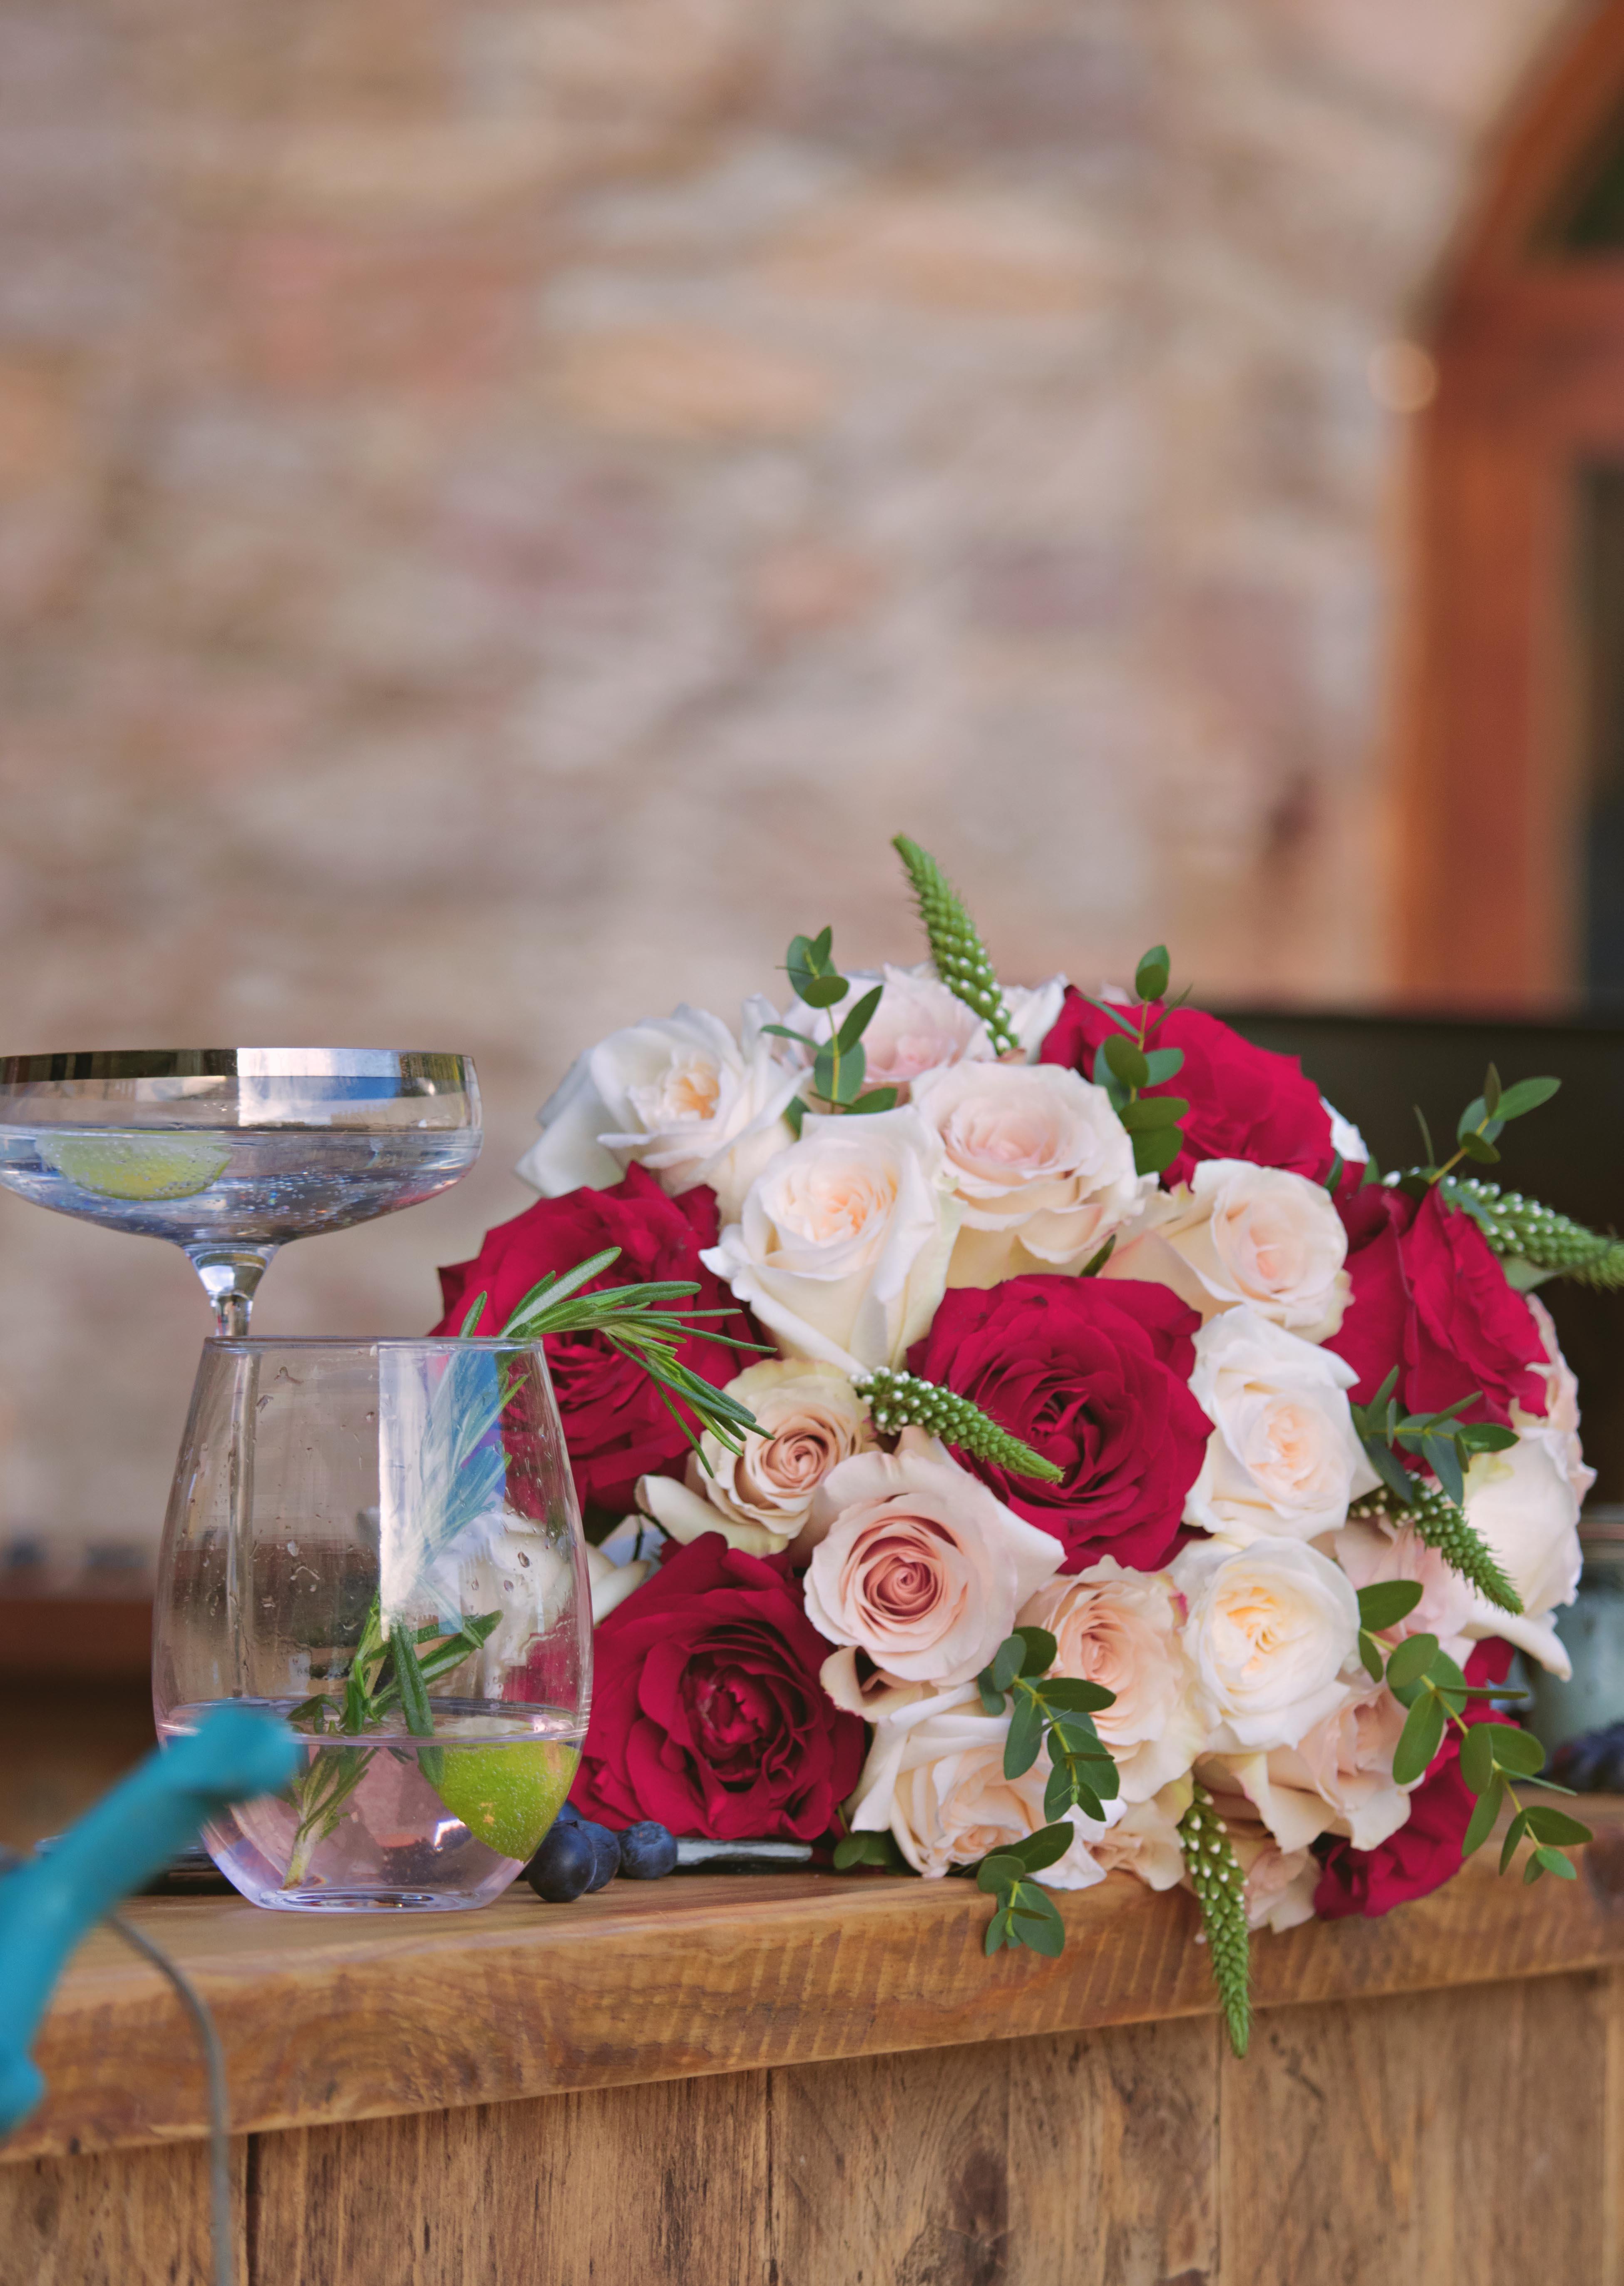 Fairy-Tale Winter Wedding Bouquet